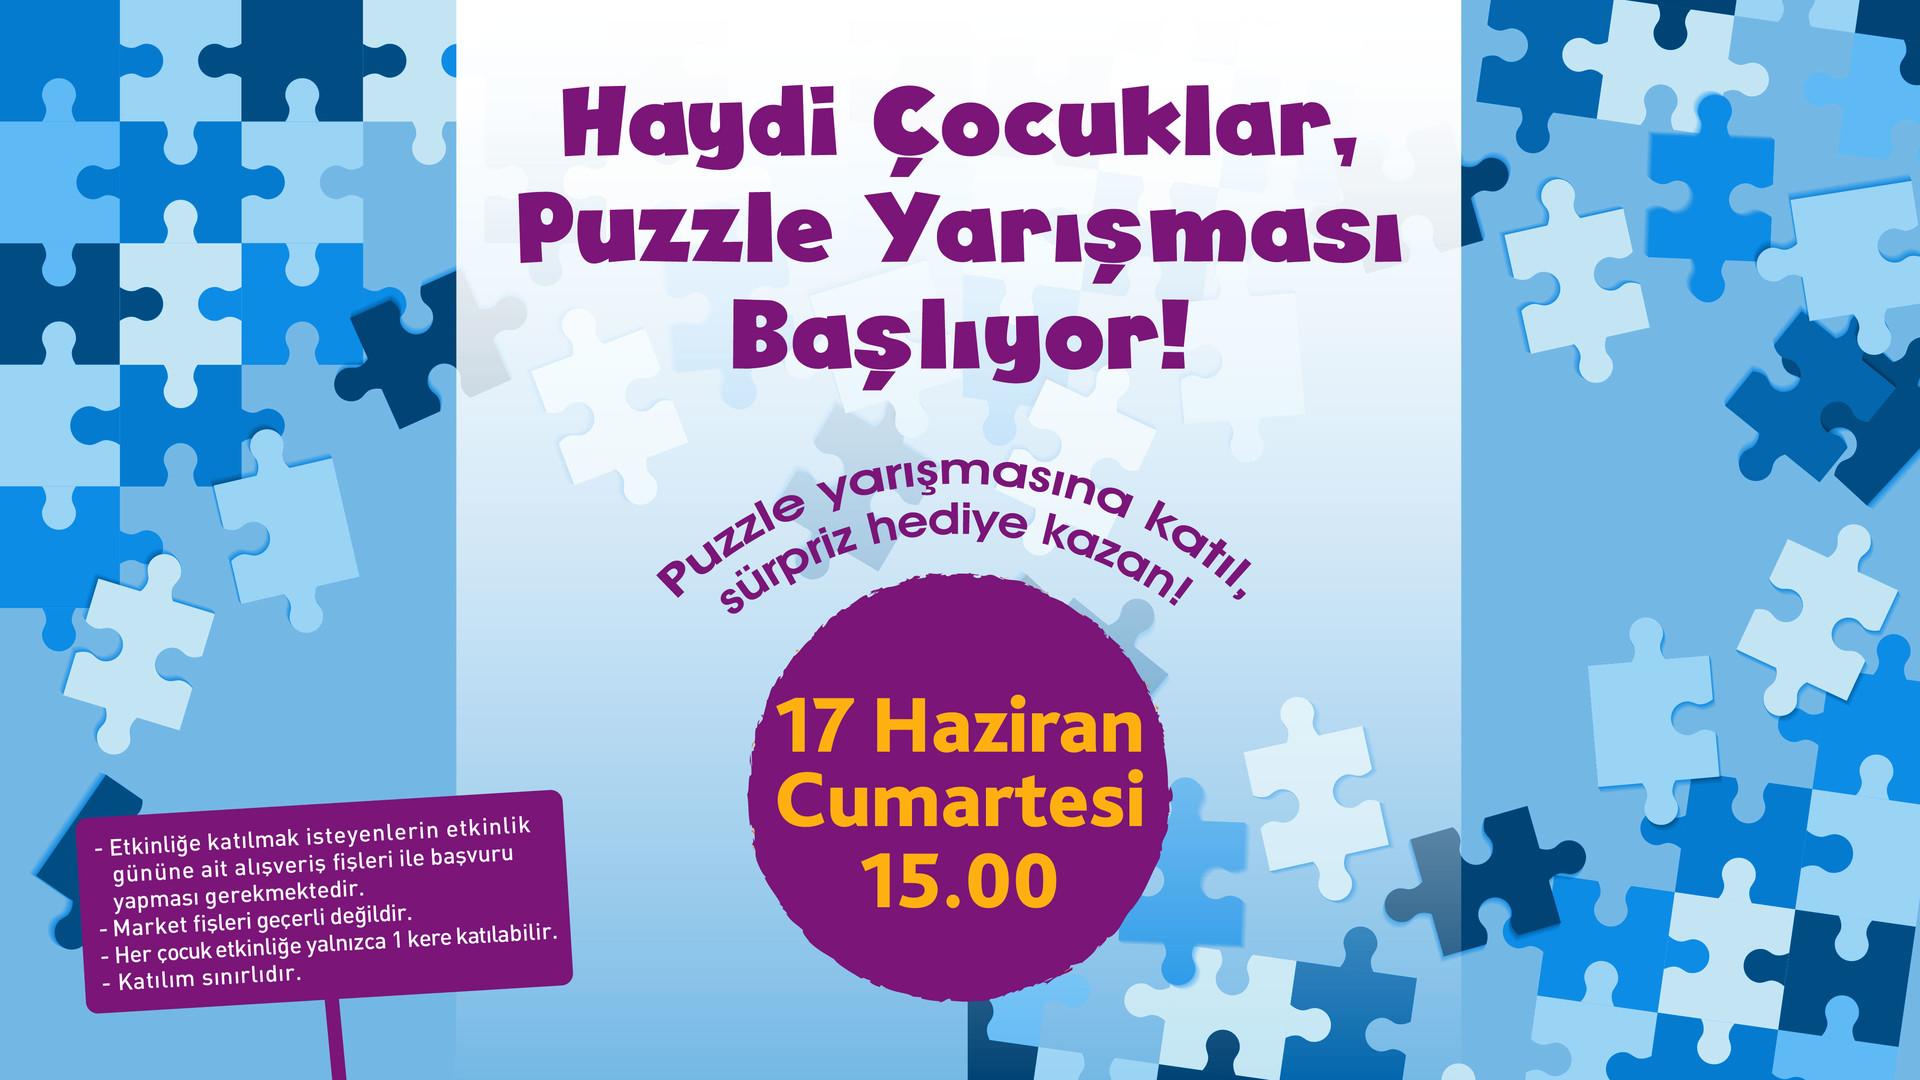 Haydi çocuklar, puzzle yarışması başlıyor